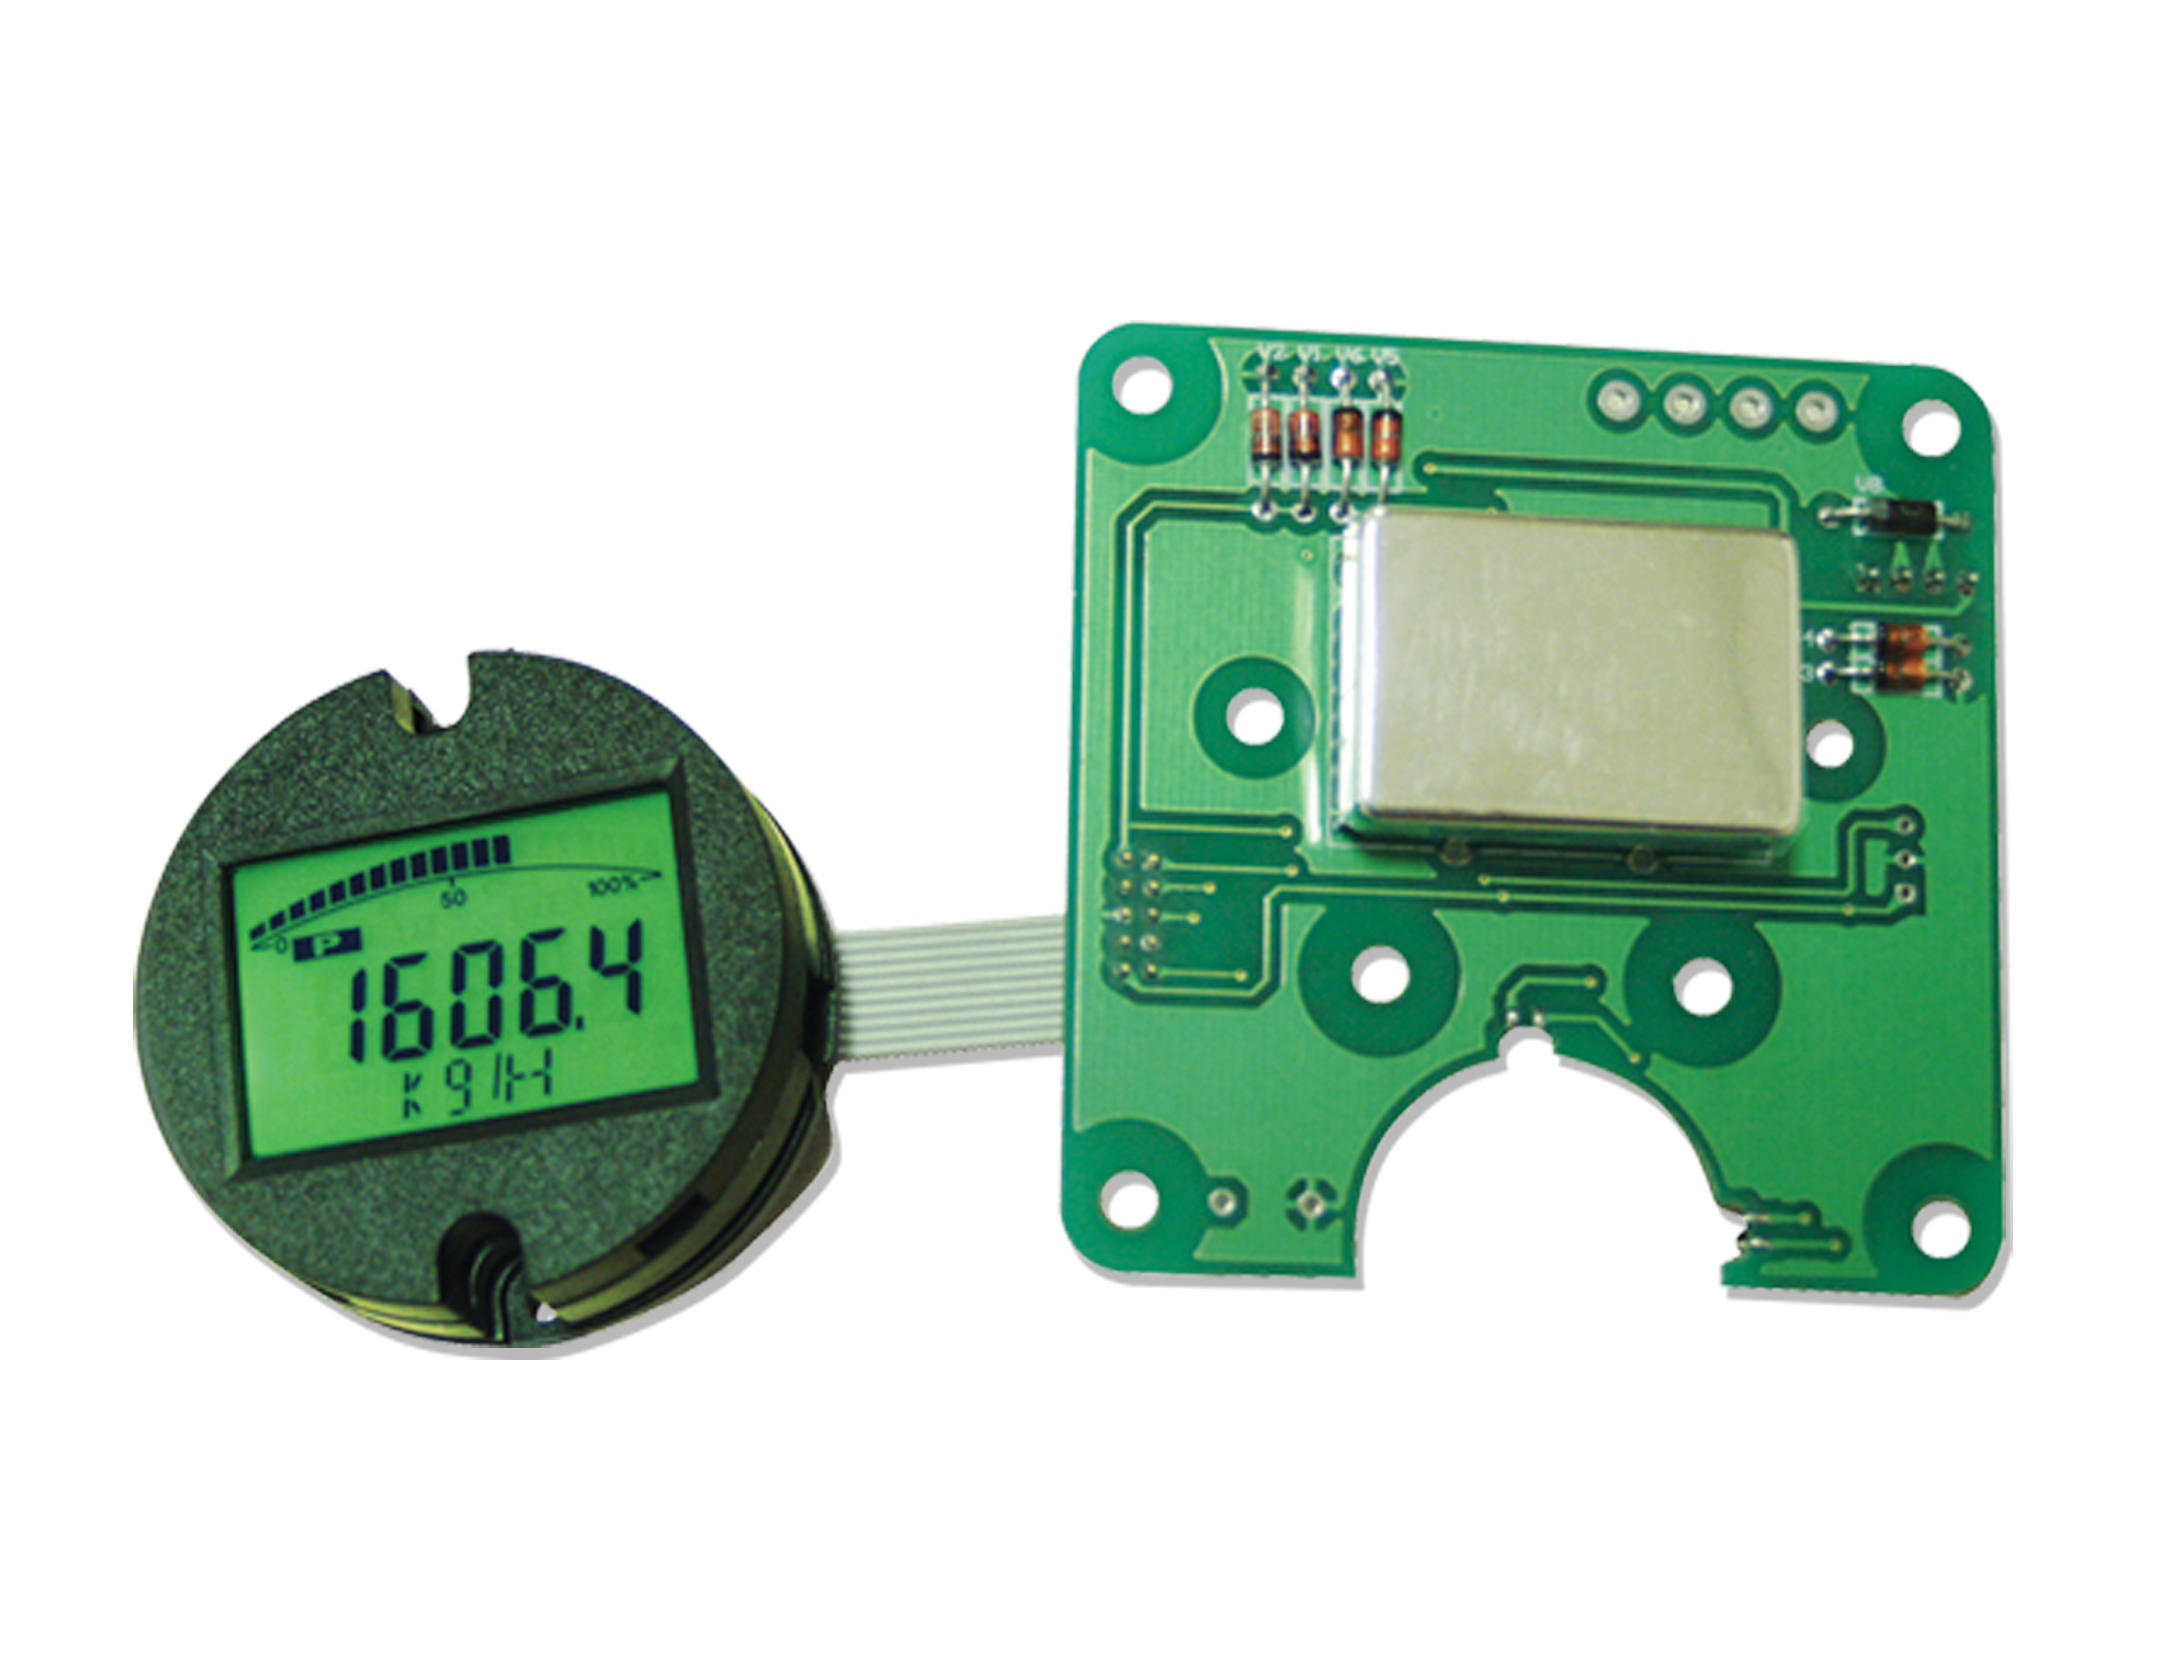 华控 HK-H810M磁浮子流量计板卡